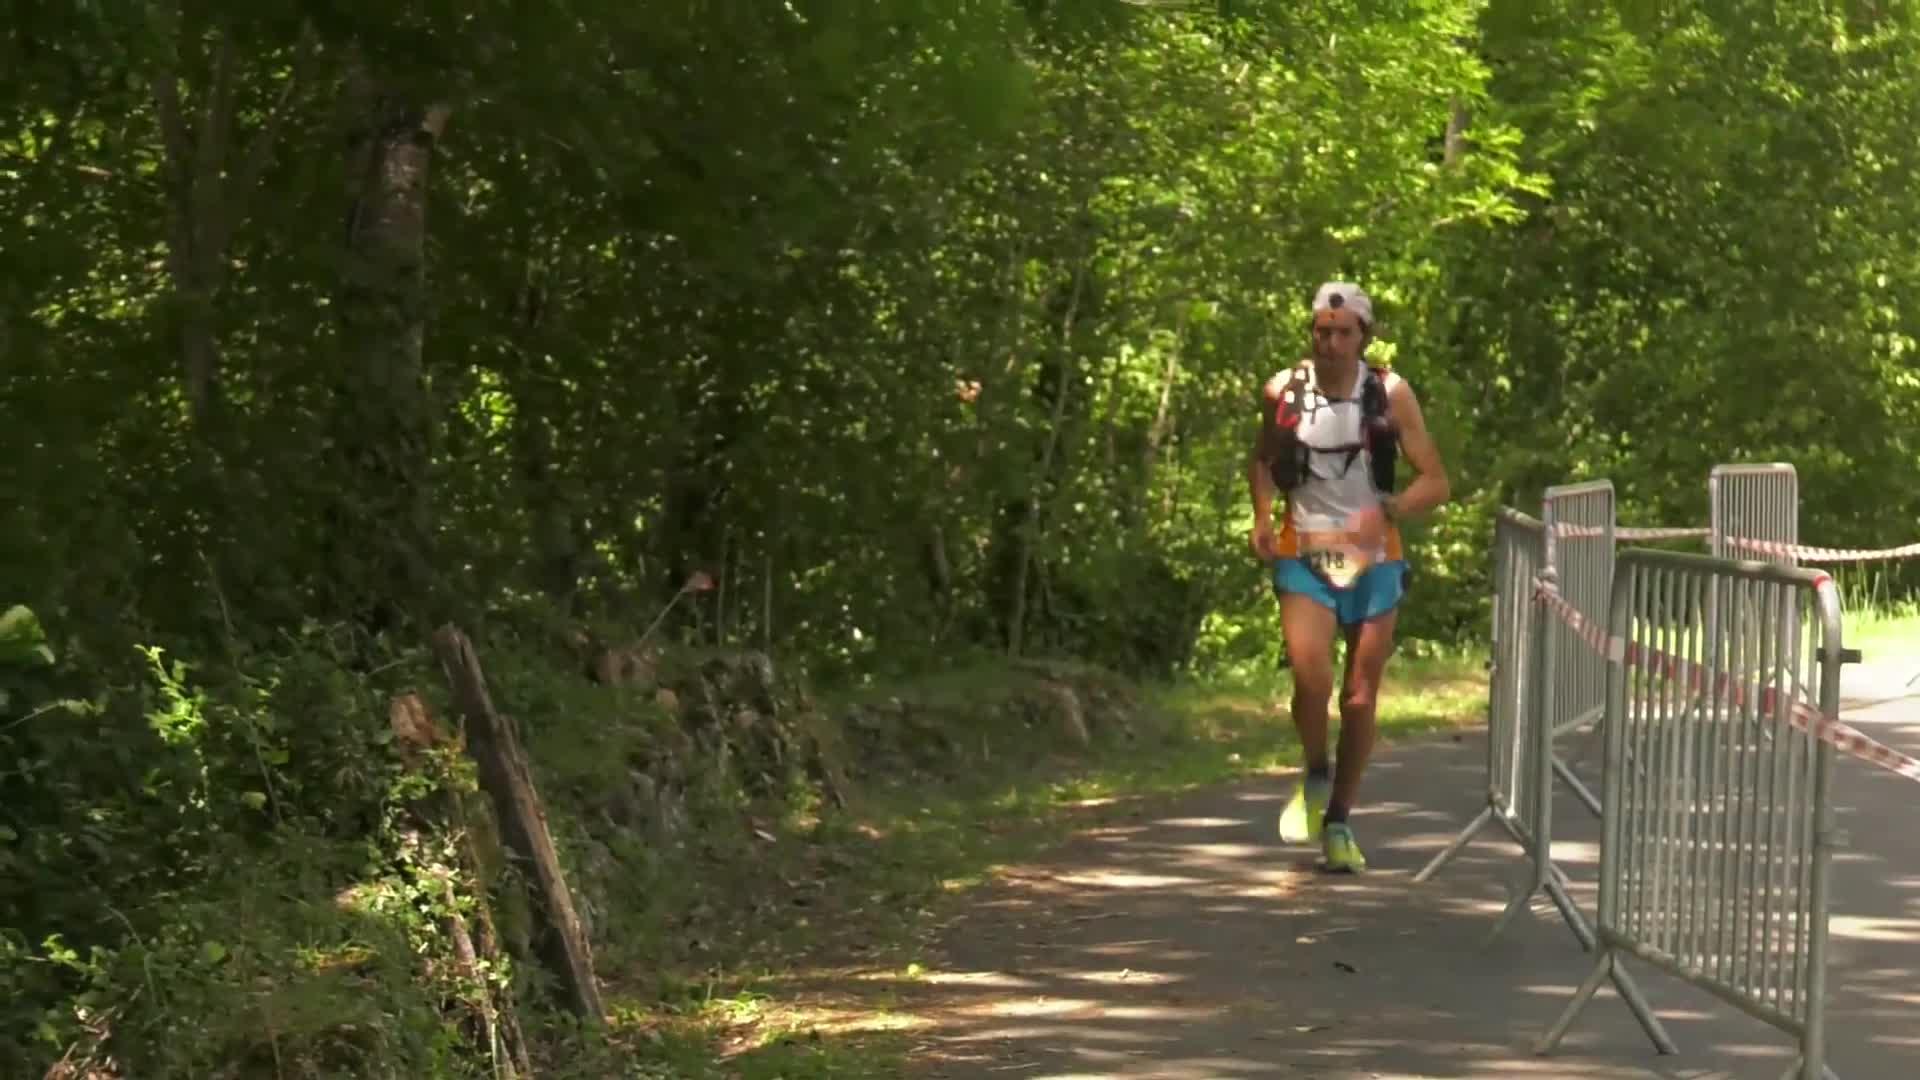 Euskal Trail 2017: Sergio Luís TEJERO korrikalariaren lekukotasuna Urepelen